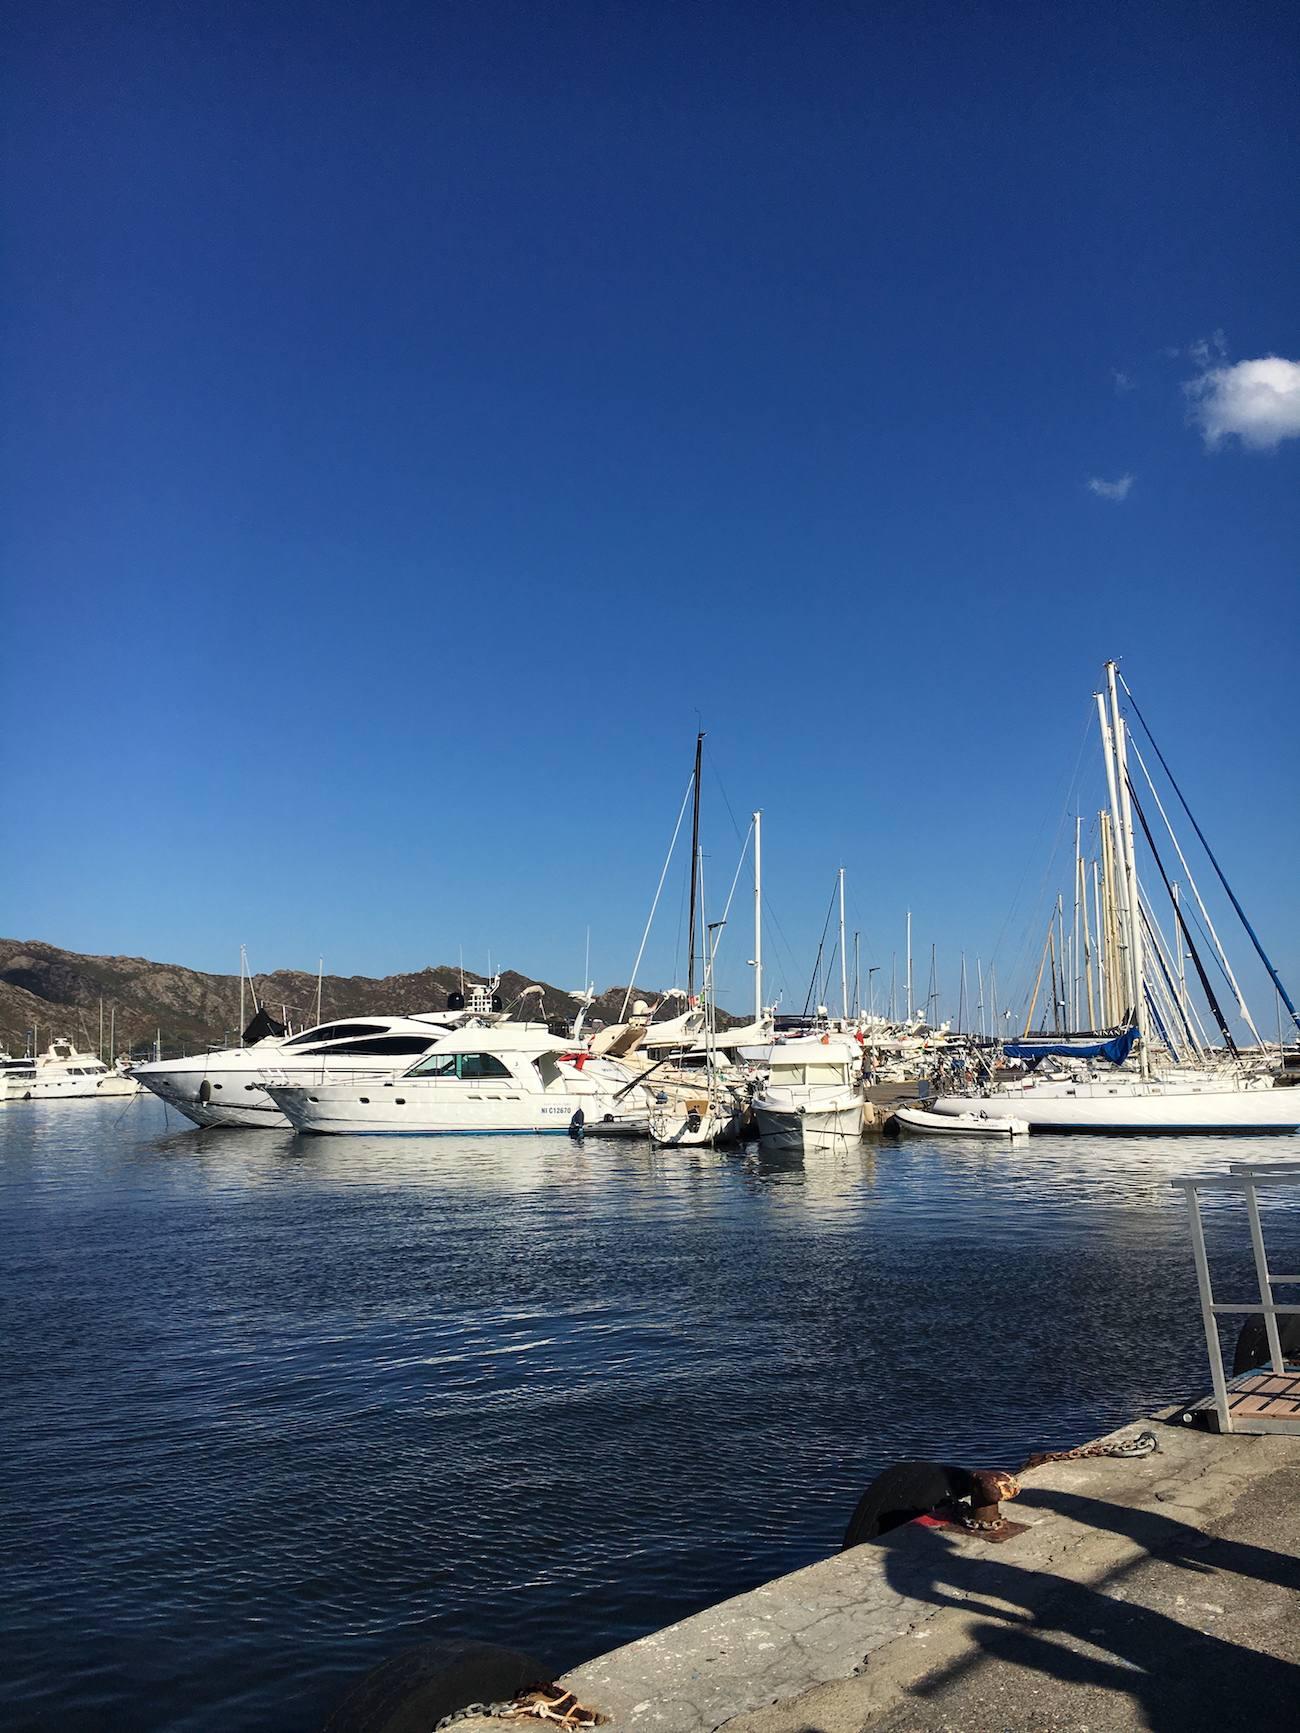 Corse - Road trip bonnes adresses - Blog Voyage nantes 23